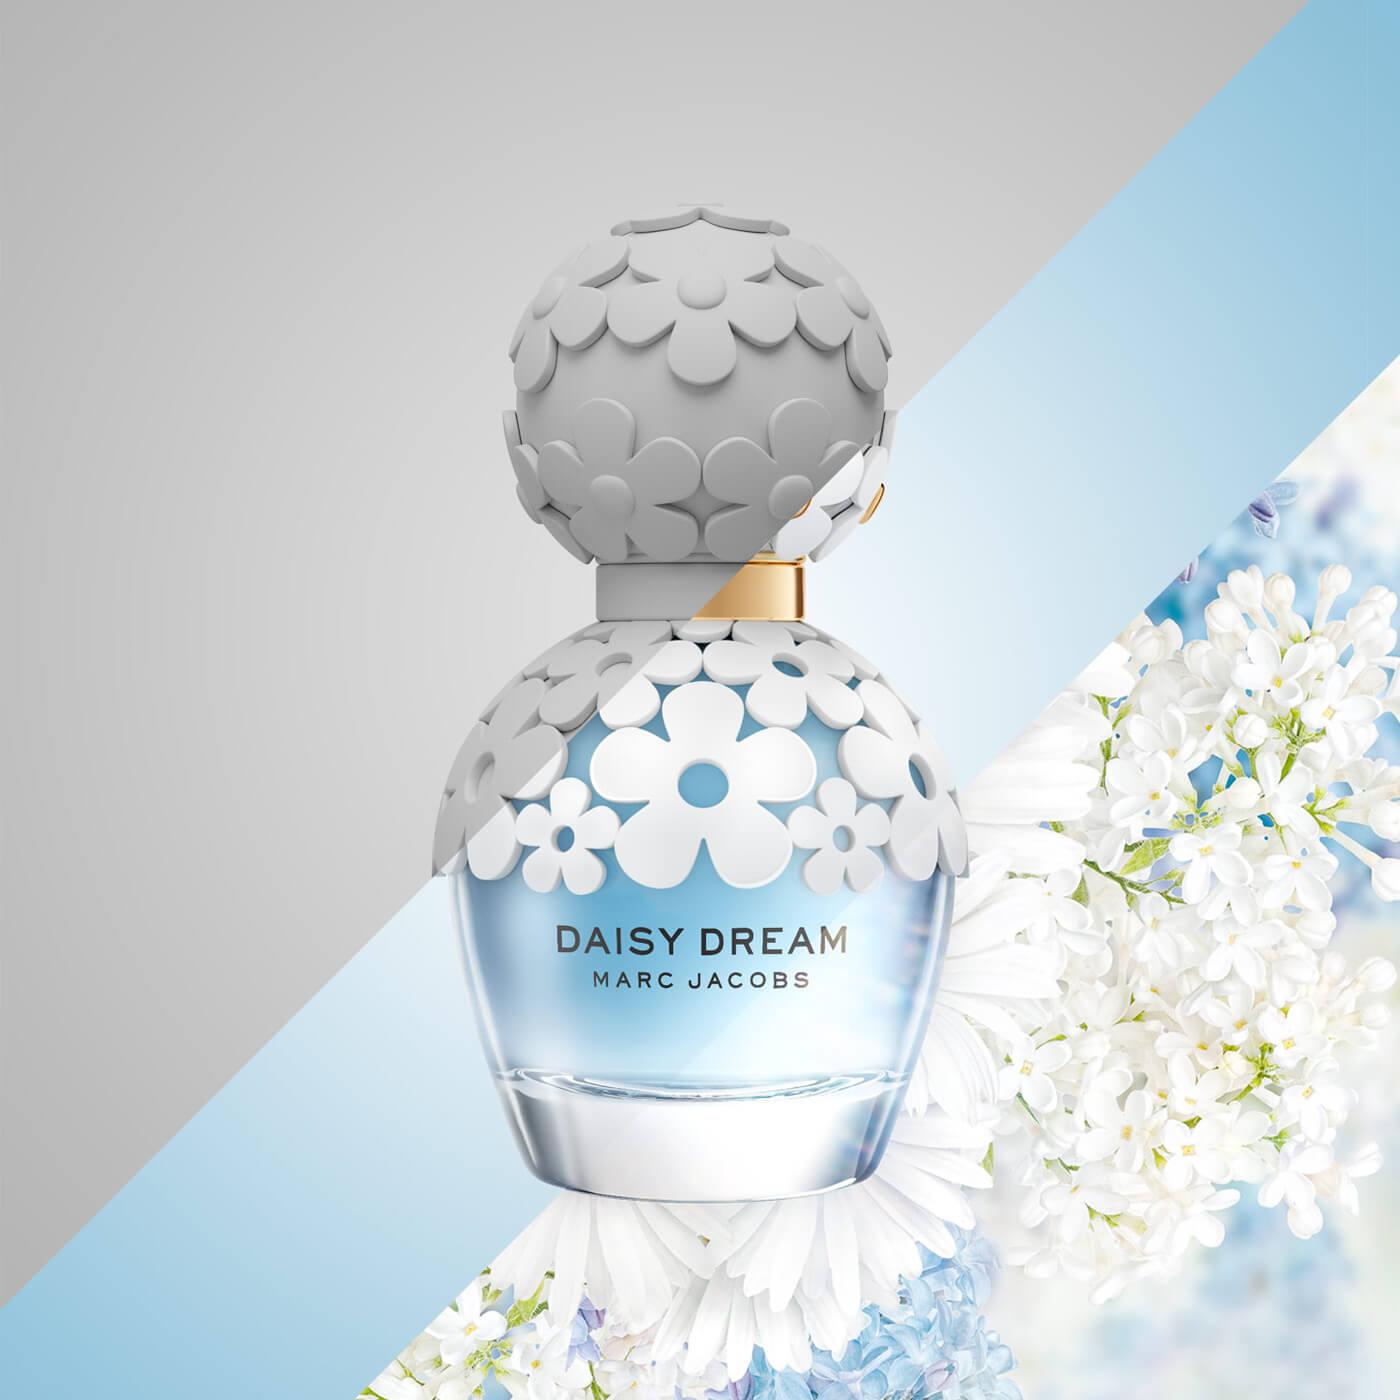 3D-Produktvisualisierungen Parfümflakon/Flasche mit Hintergrundgestaltung